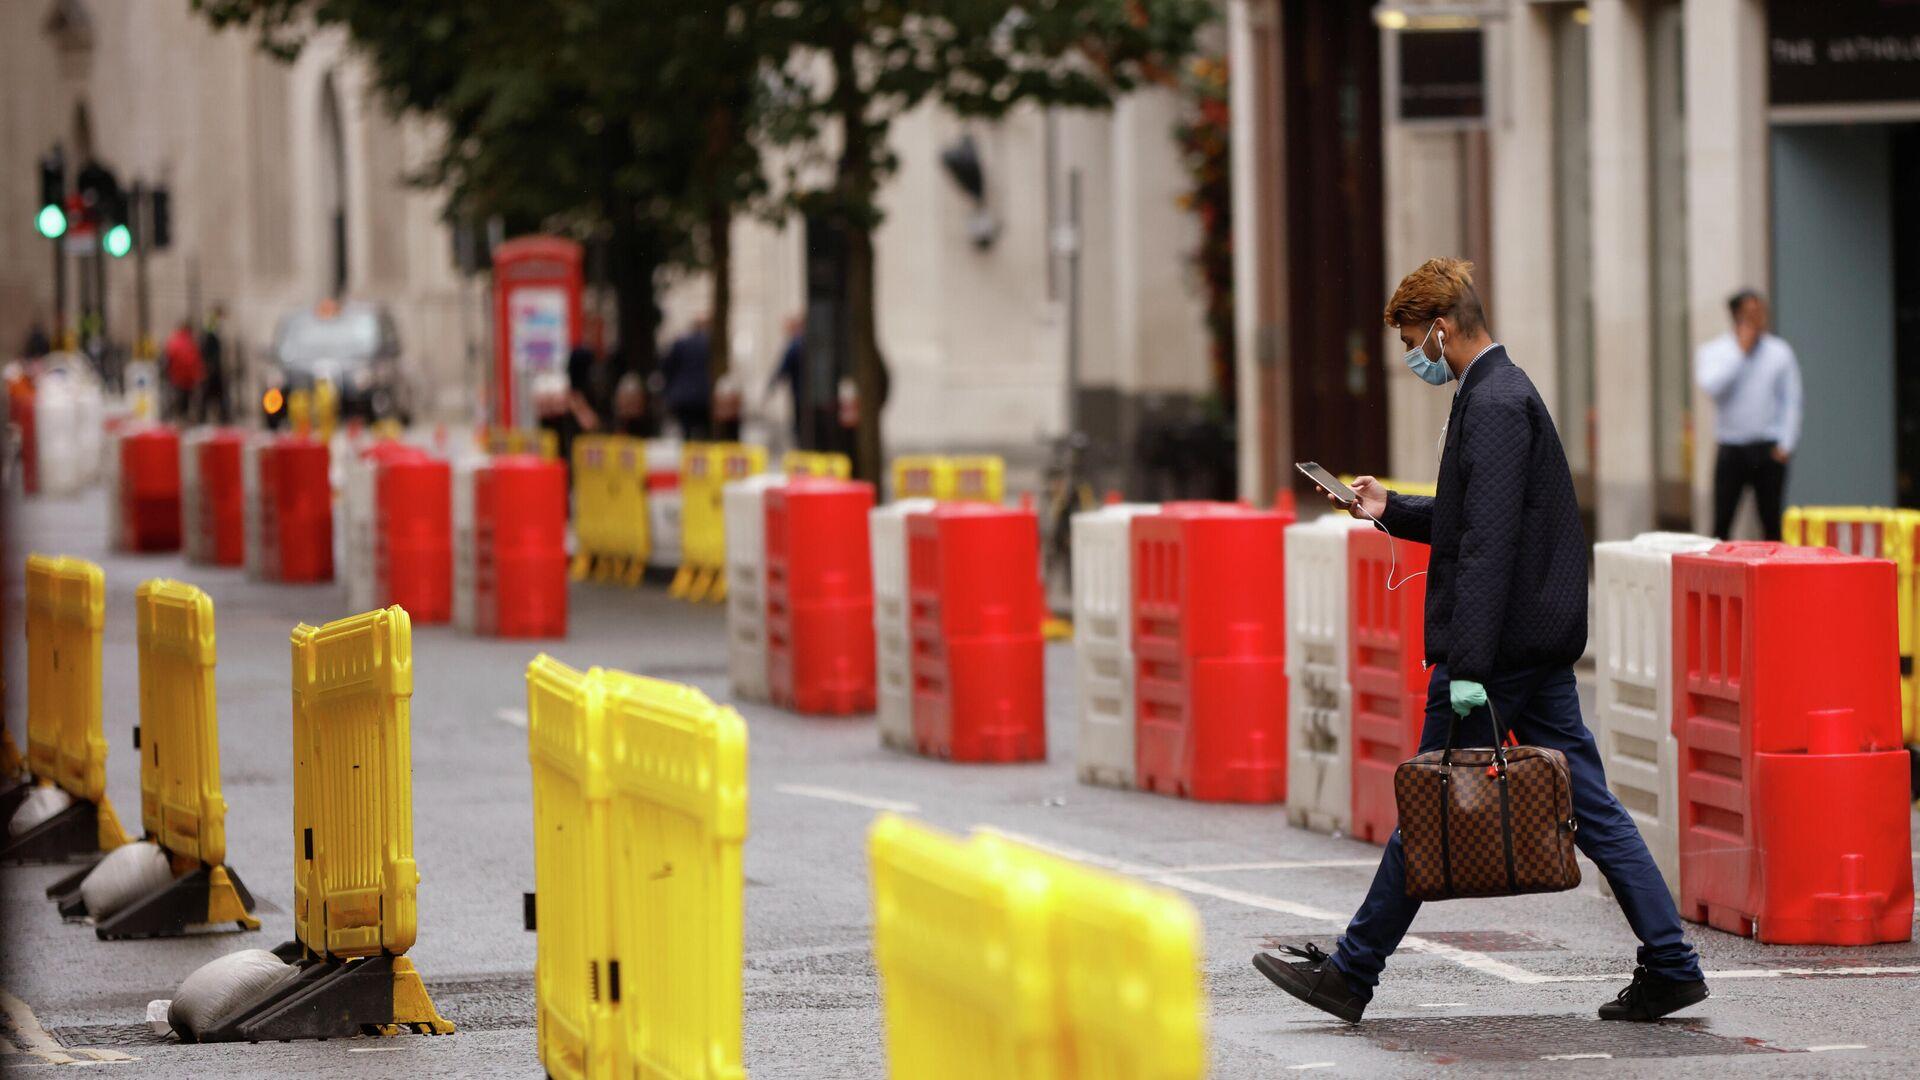 Мужчина в защитной маске переходит дорогу с установленными на ней барьерами для социального дистанцирования в Лондоне - РИА Новости, 1920, 20.10.2020